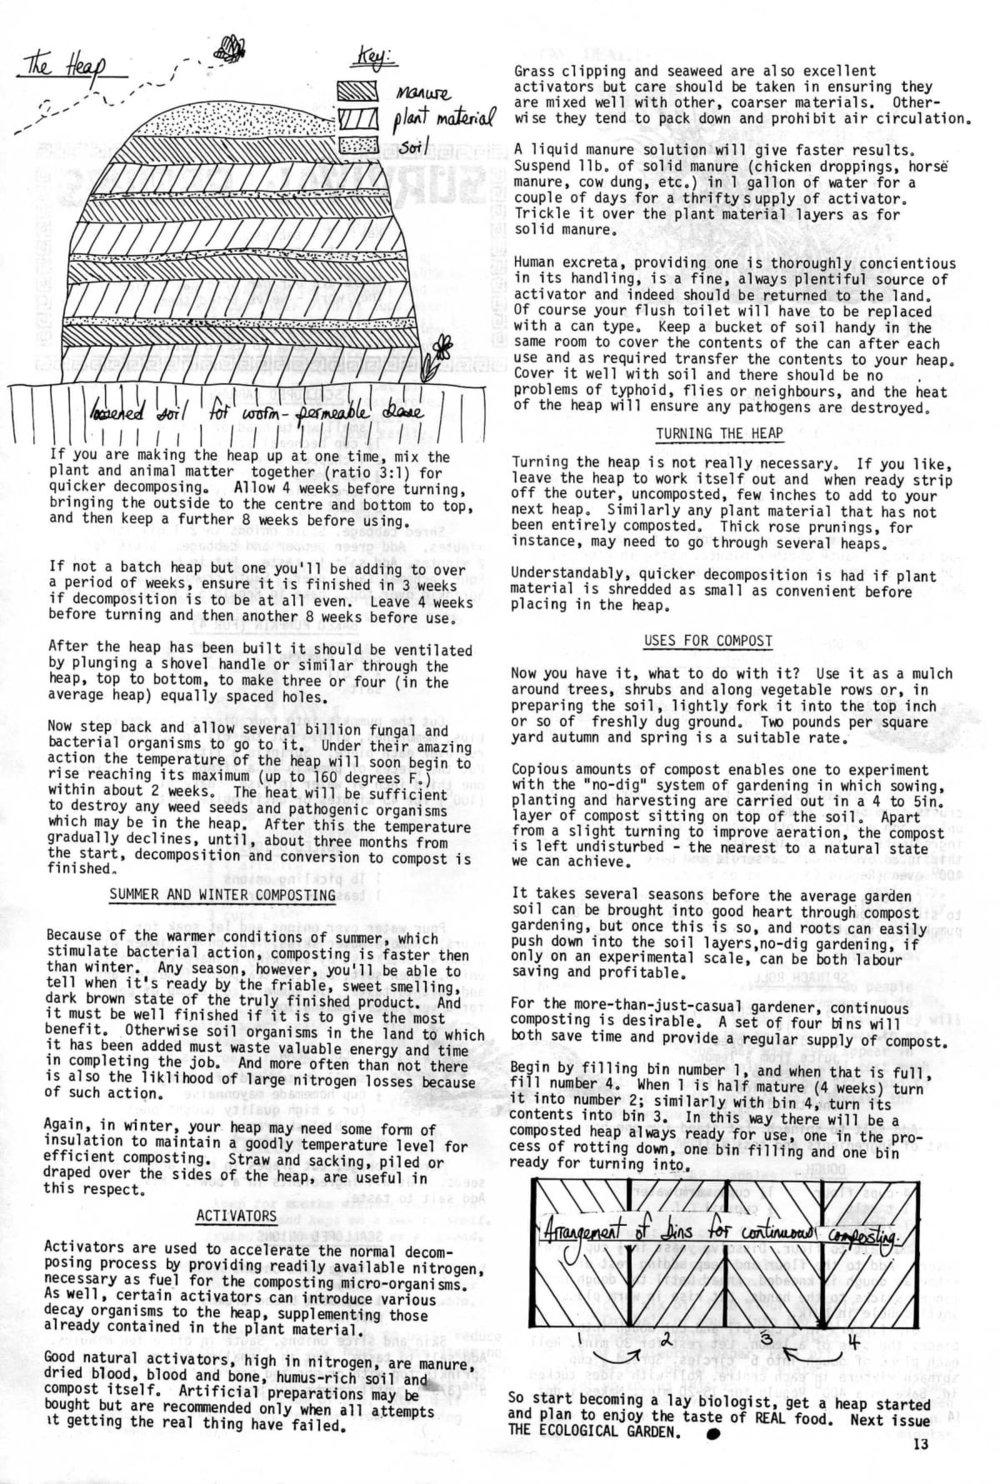 seed-v3-n2-feb1974-13.jpg